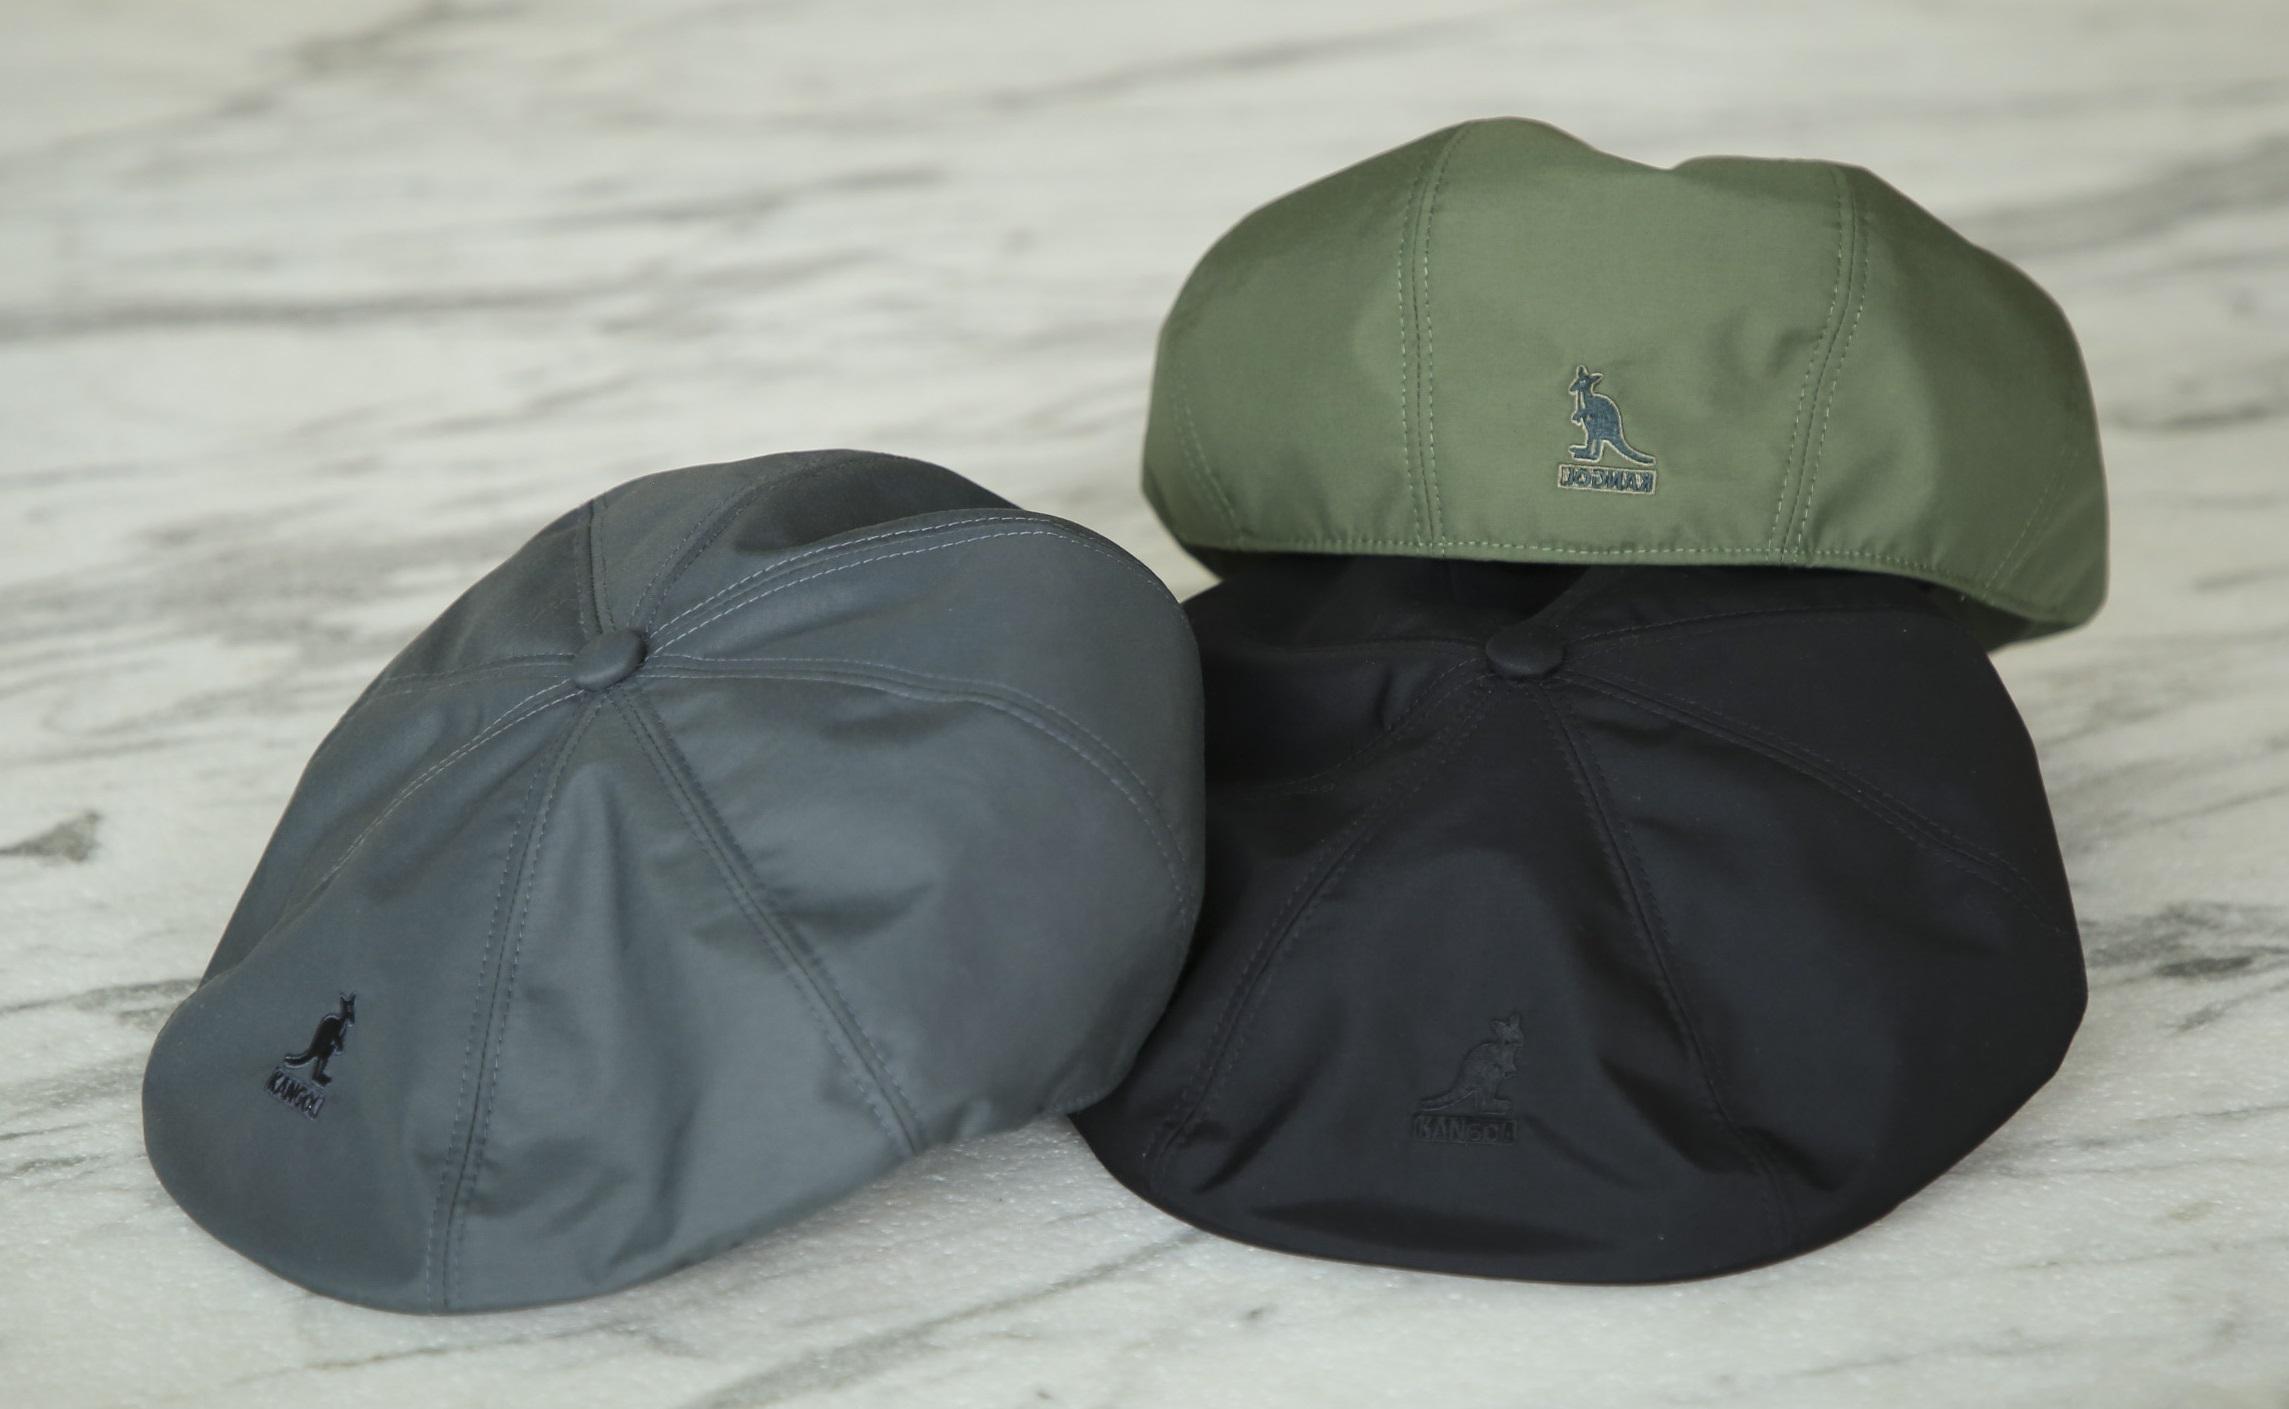 KANGOL×BEAMS、ベレー帽「Galaxy」新作発売 汎用できるアイテムに